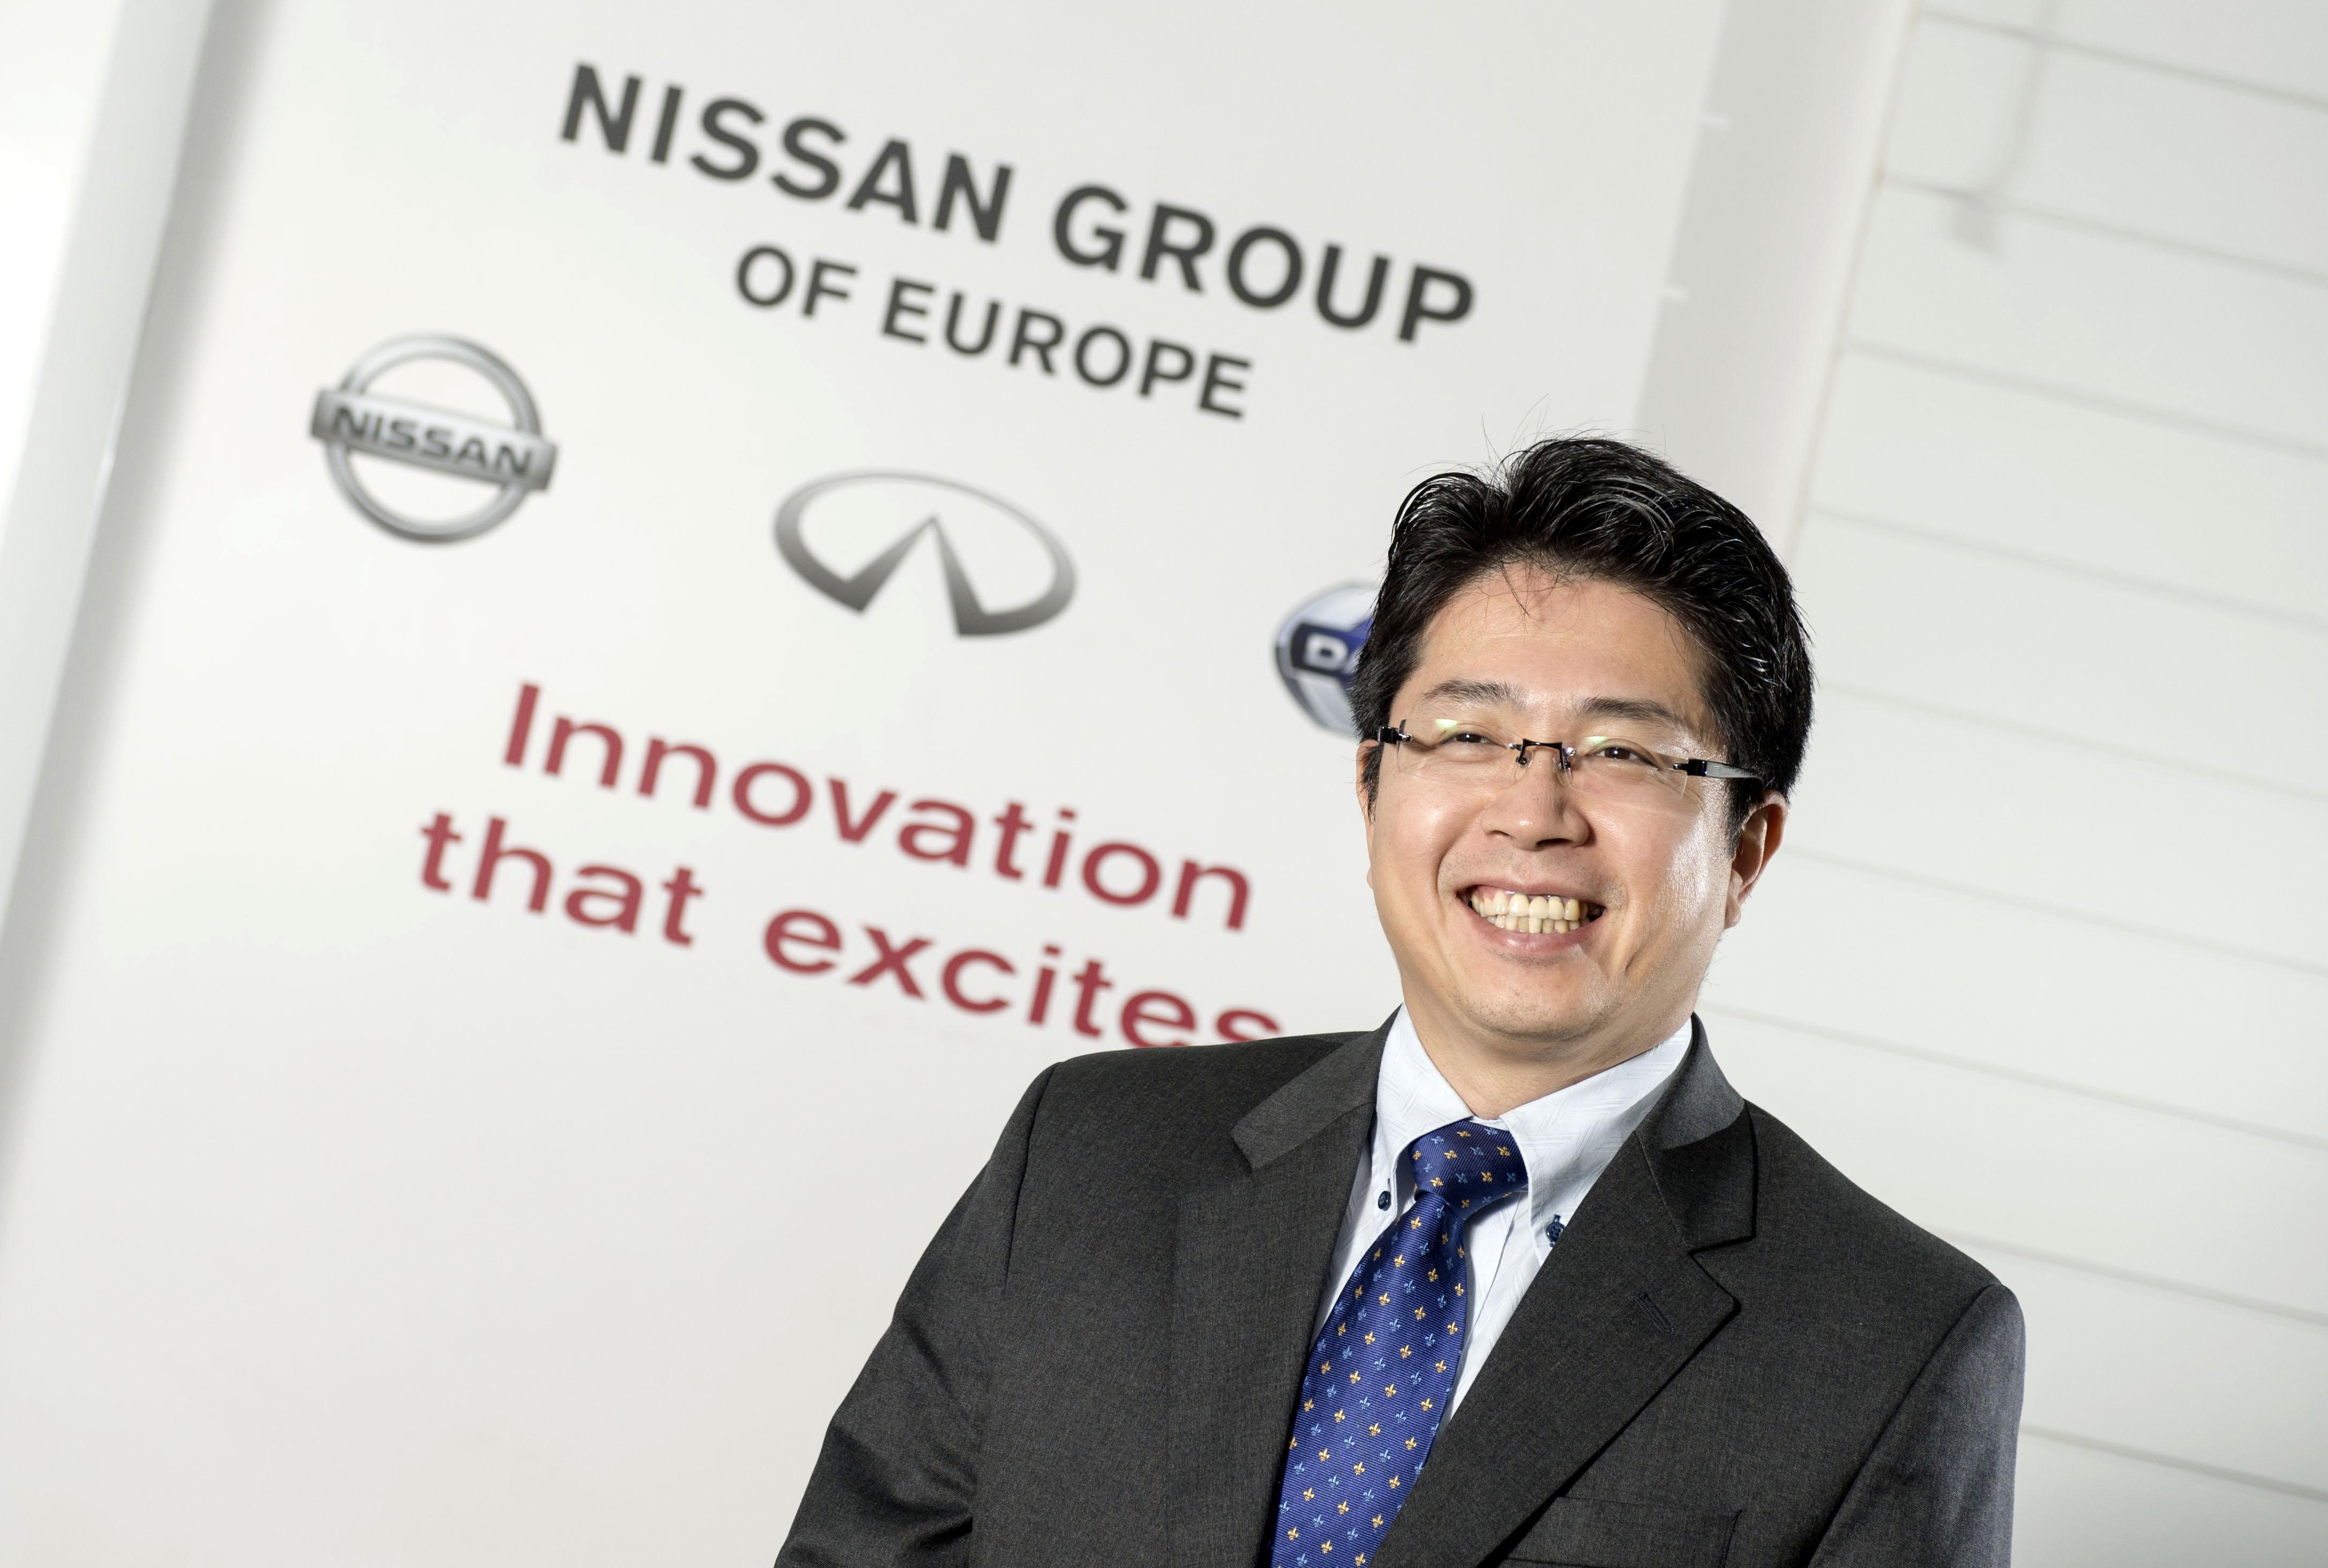 Nissan Corporate portrait